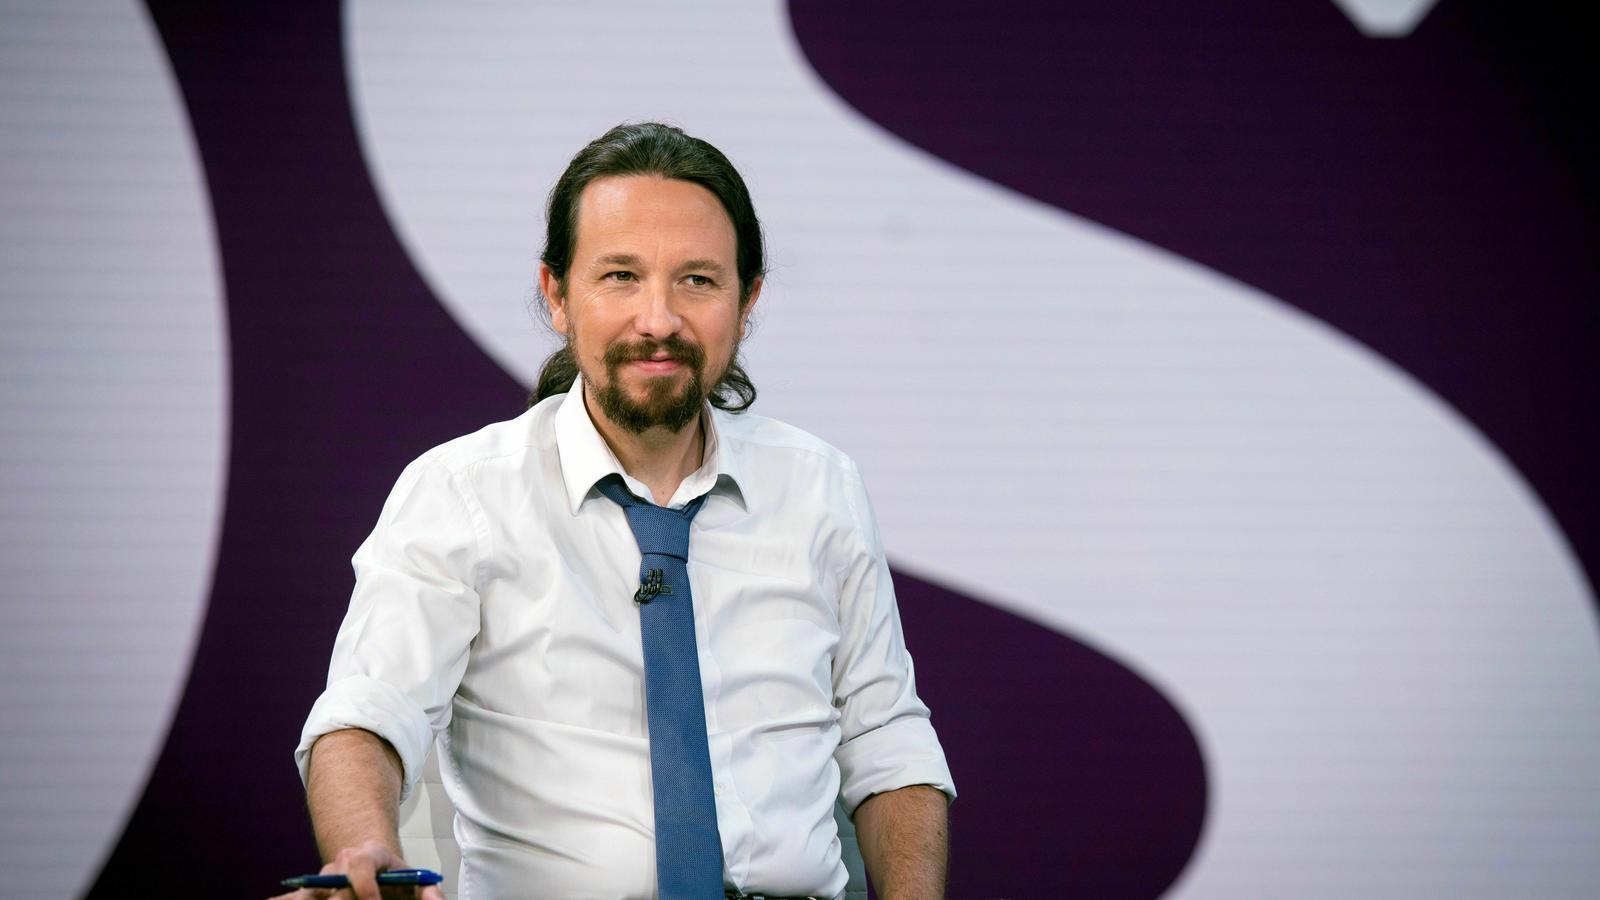 El líderd d'Unides Podem, Pablo Iglesias, en una entrevista recent a Antena 3.